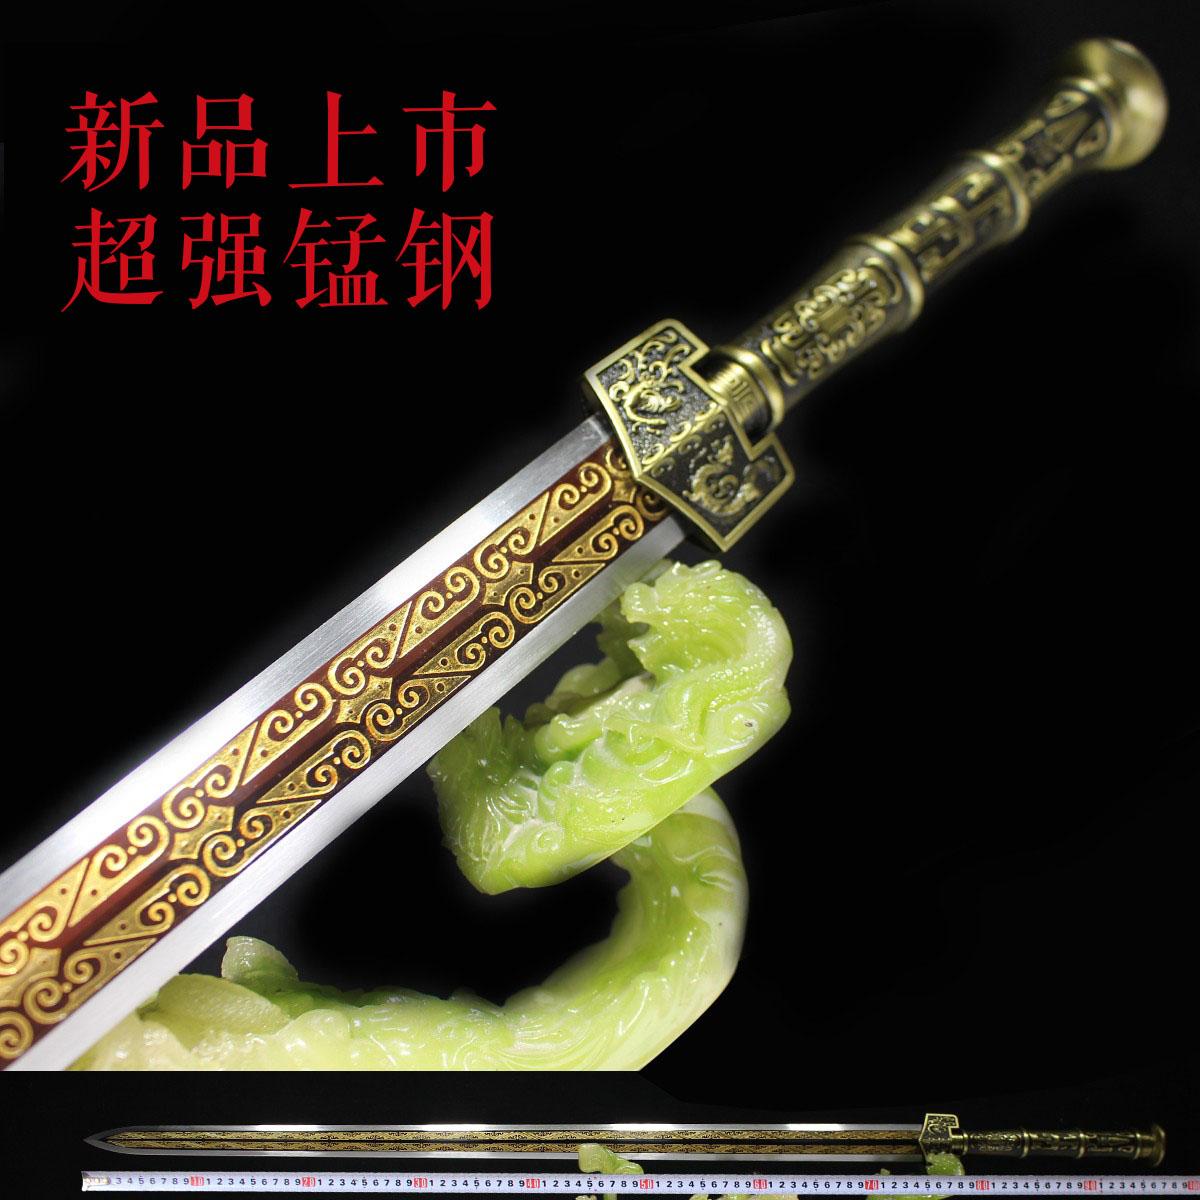 八面汉剑剑长剑